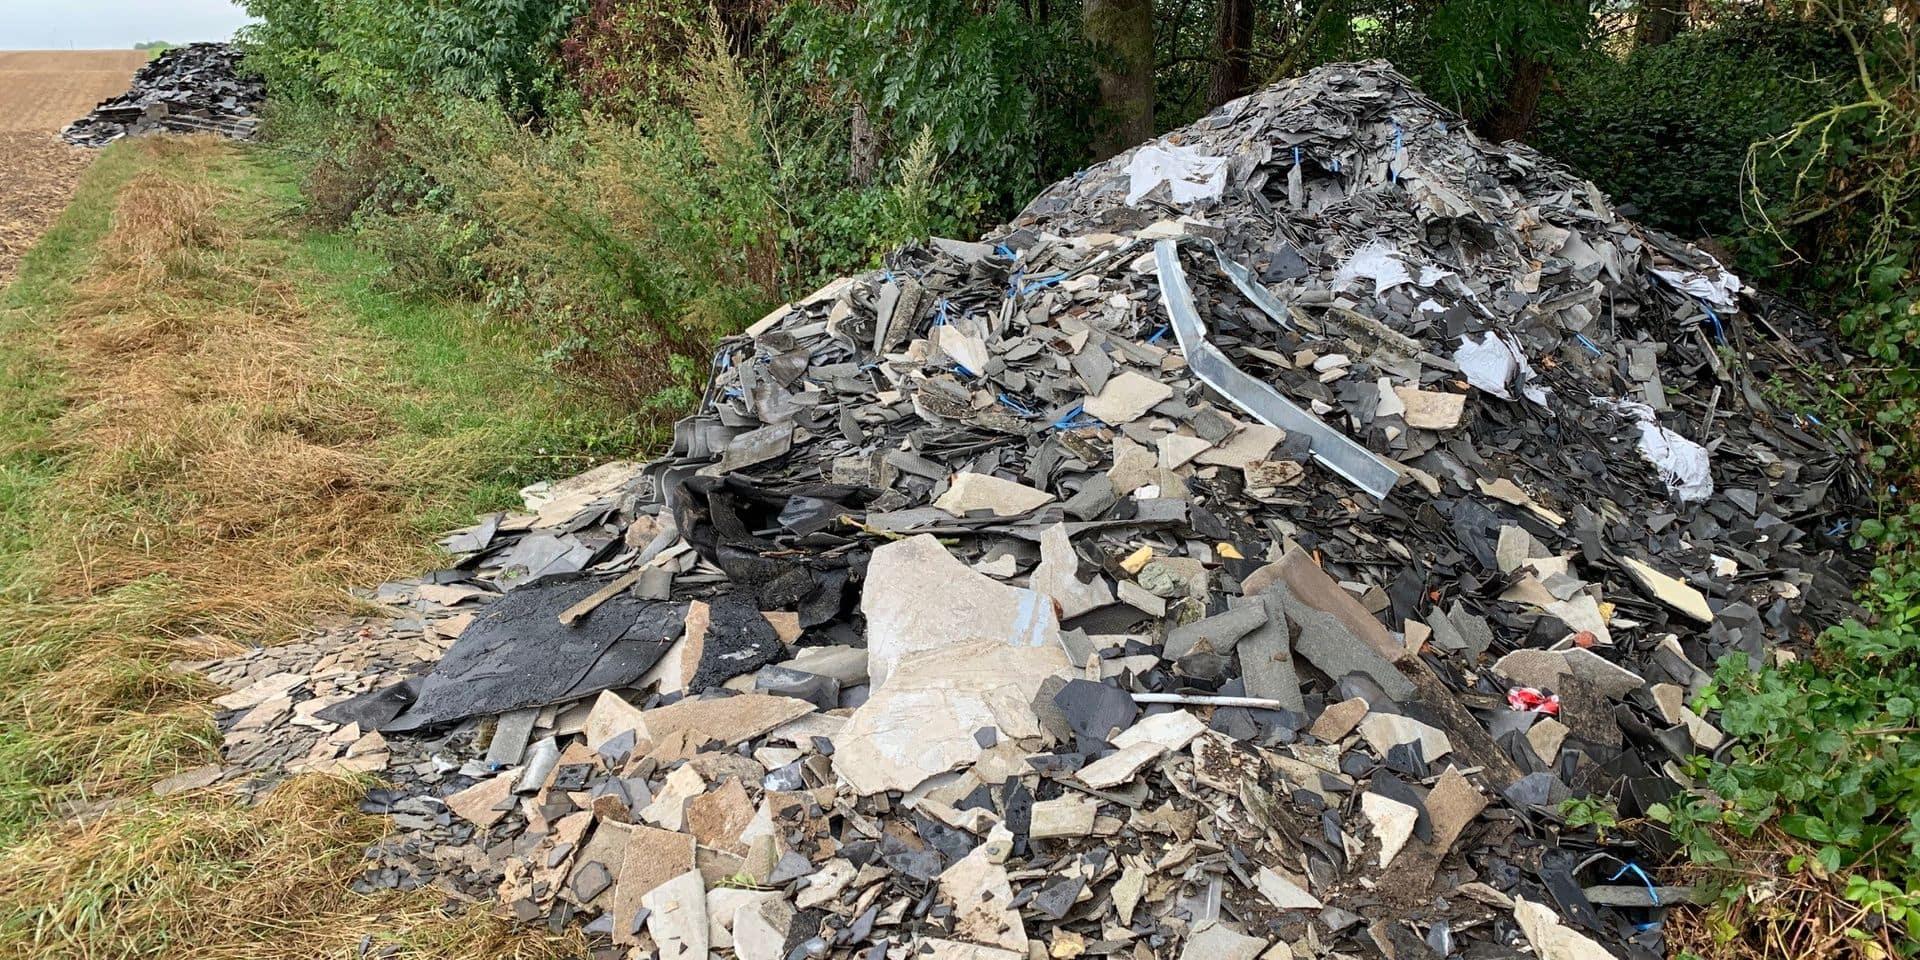 La lutte contre les dépôts clandestins va encore s'intensifier à Nivelles